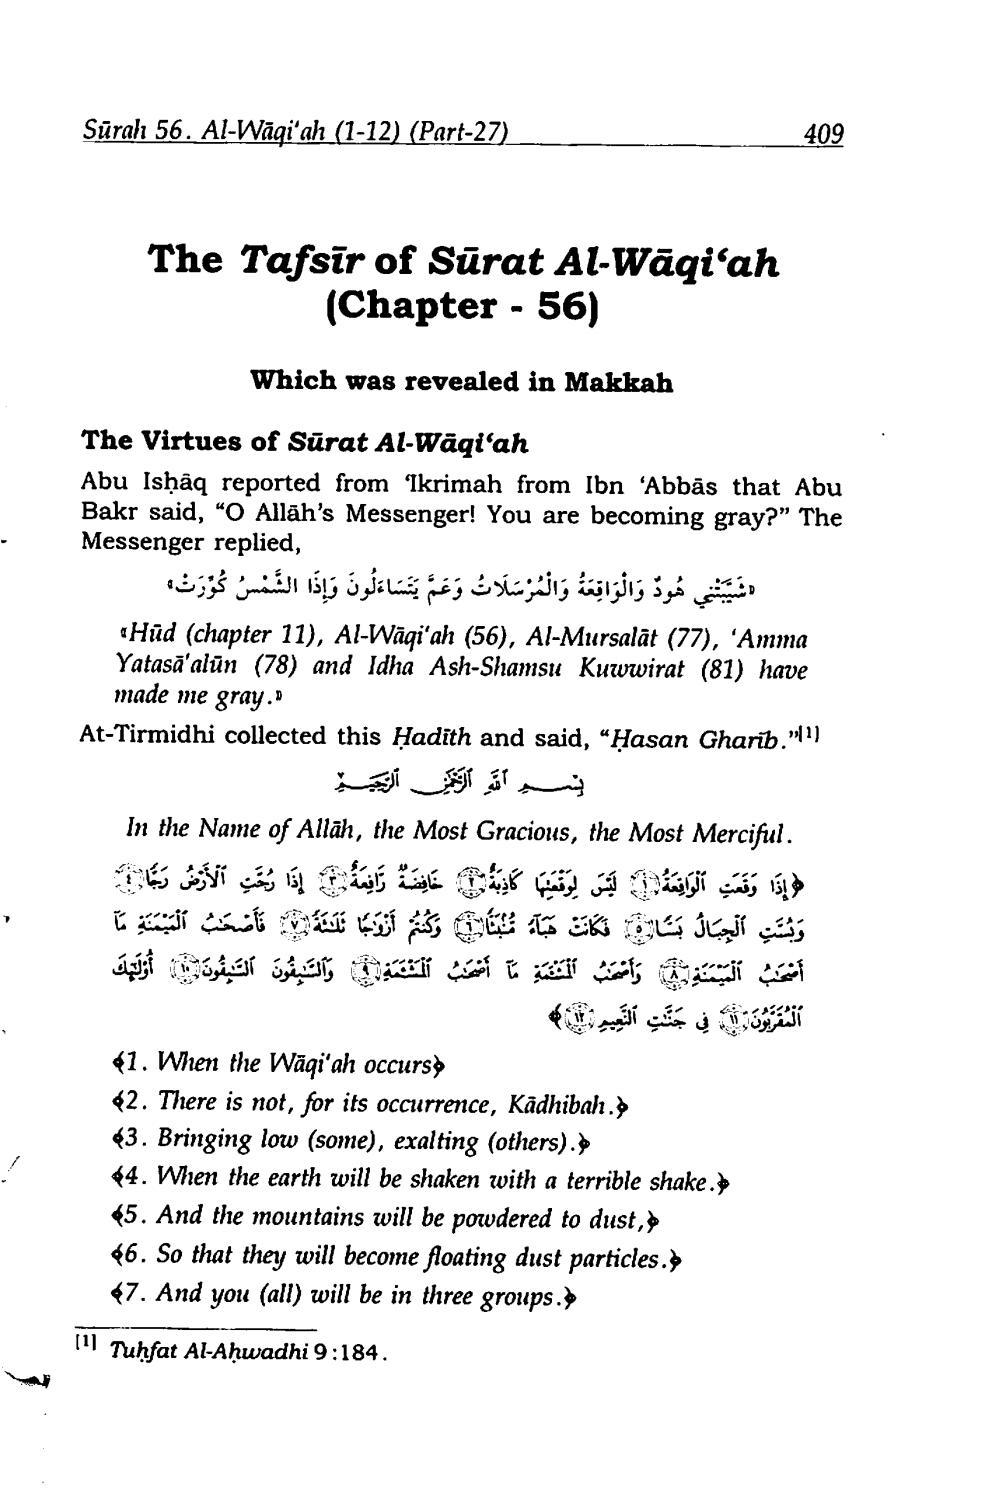 Pdf Quran Tafsir Ibn Kathir Surah 56 الواقعة Al Waqia